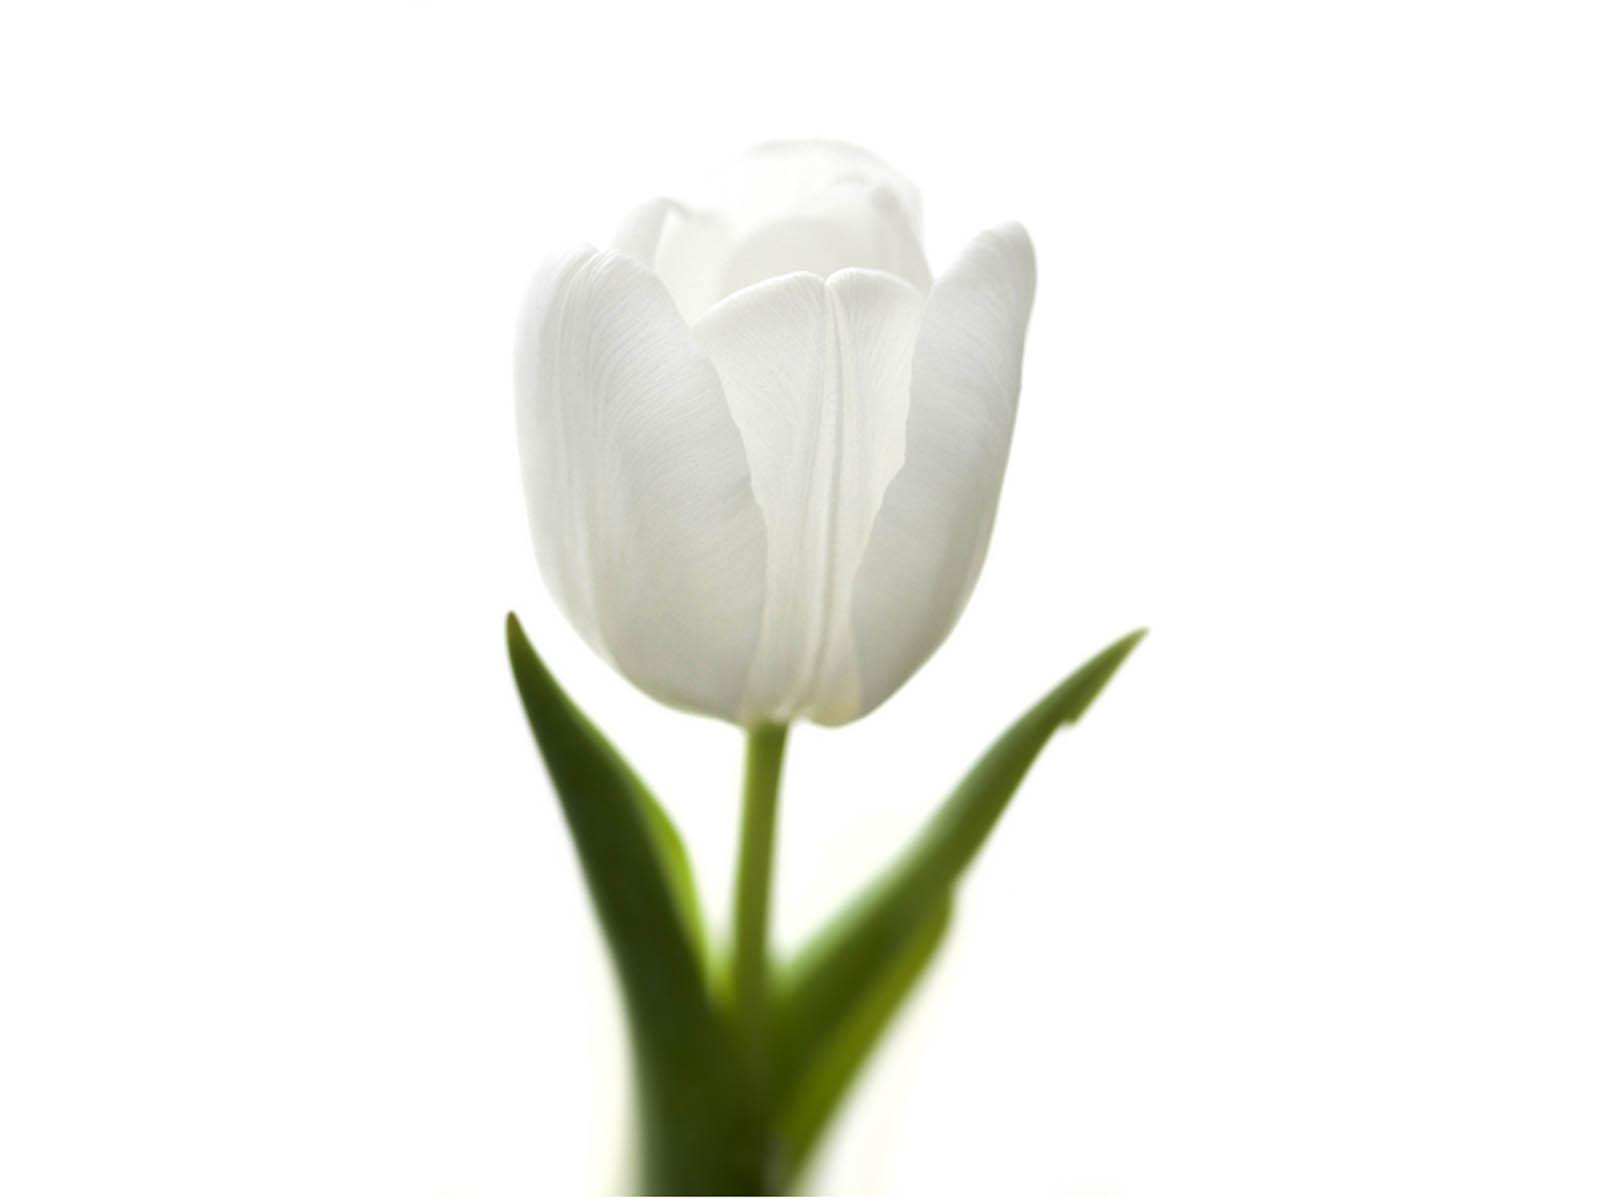 White Tulips 19 High Resolution Wallpaper Hdflowerwallpaper